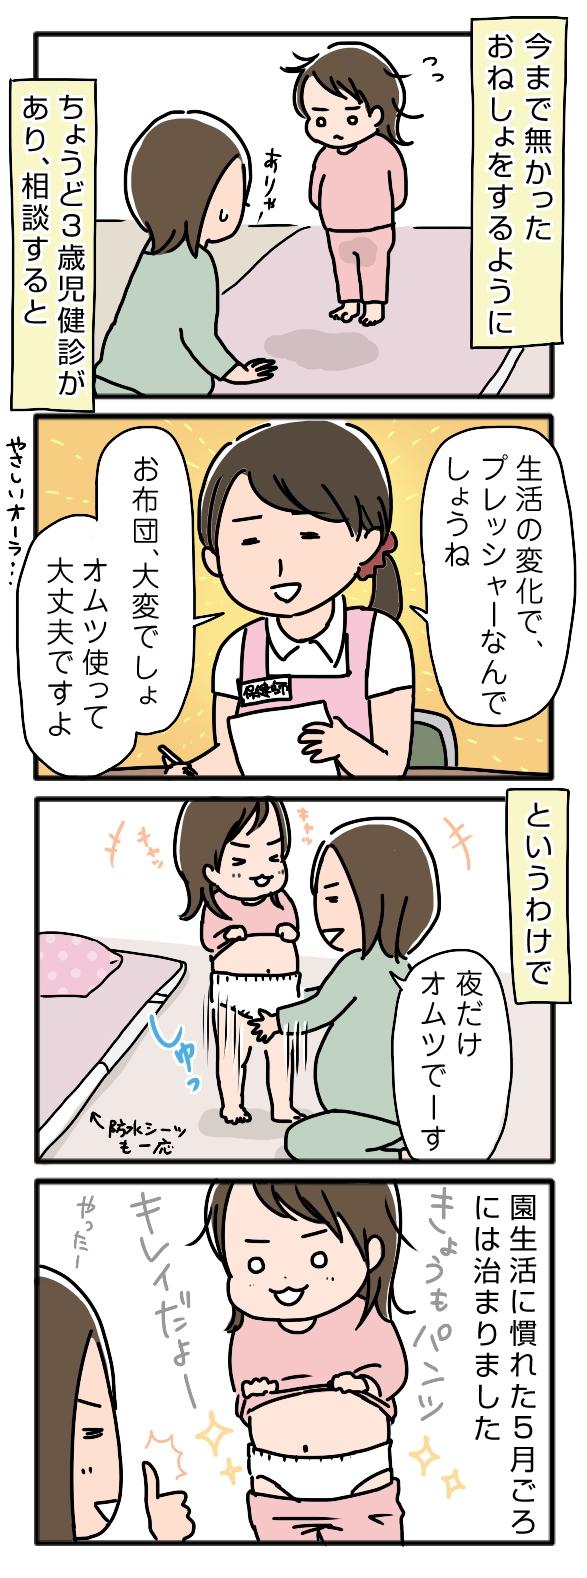 5月24日は「世界おねしょデー」!ママには言えない、子どもの悩みと対処法の画像5